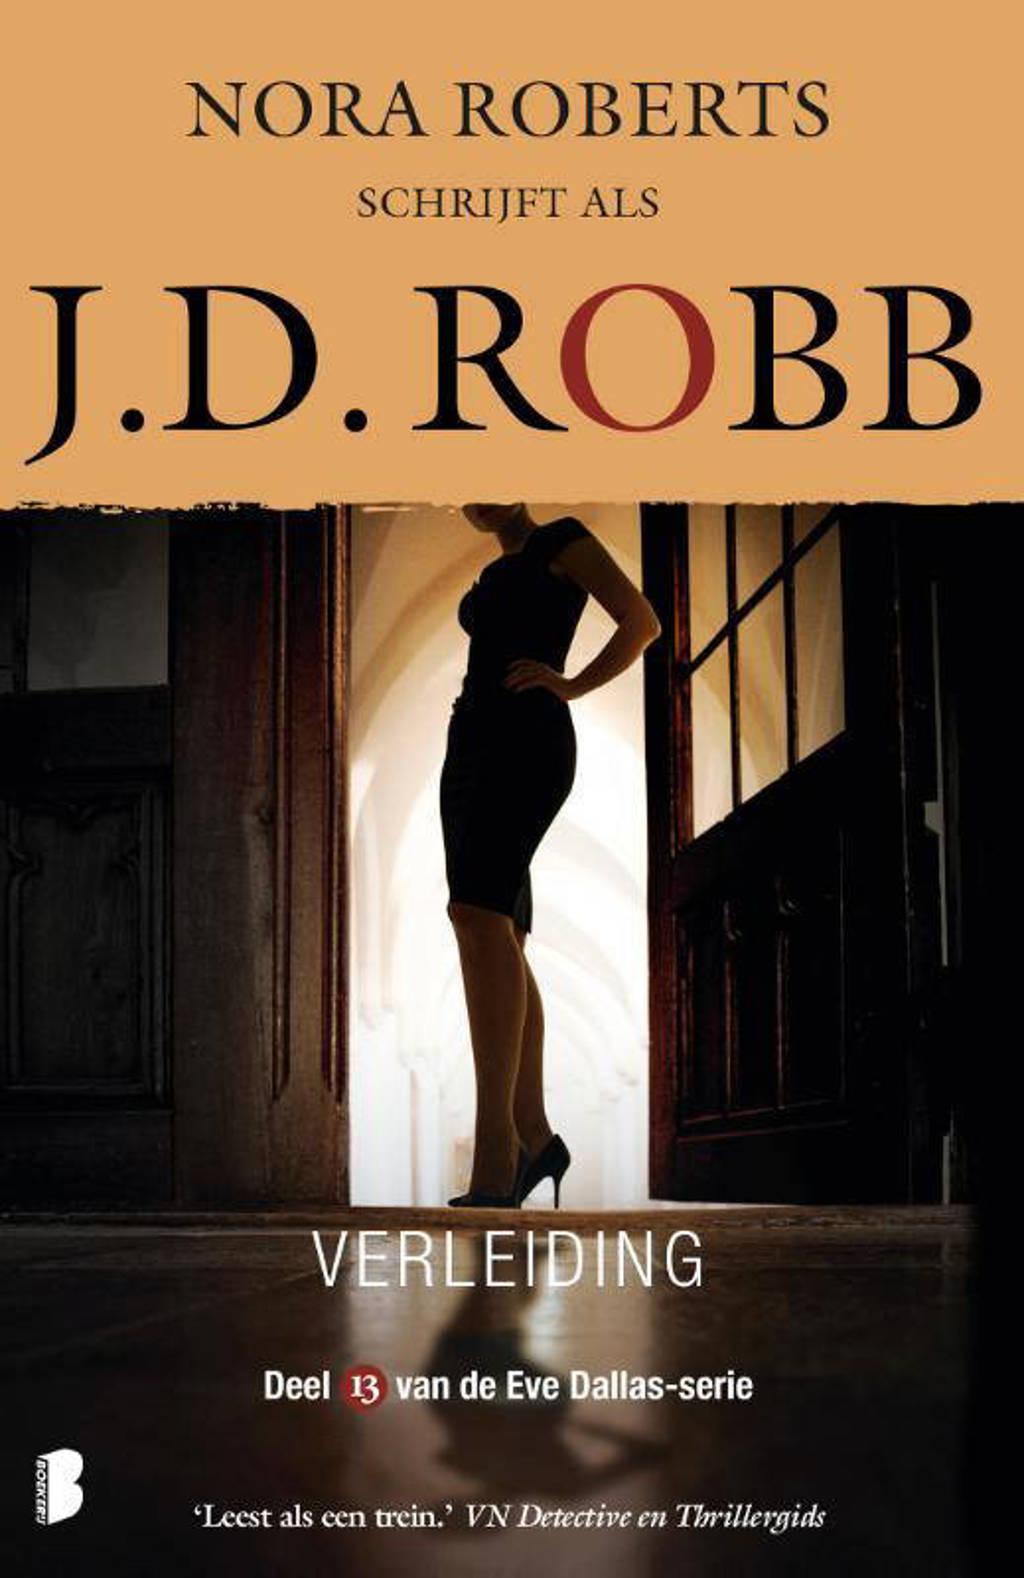 Eve Dallas: Verleiding - J.D. Robb